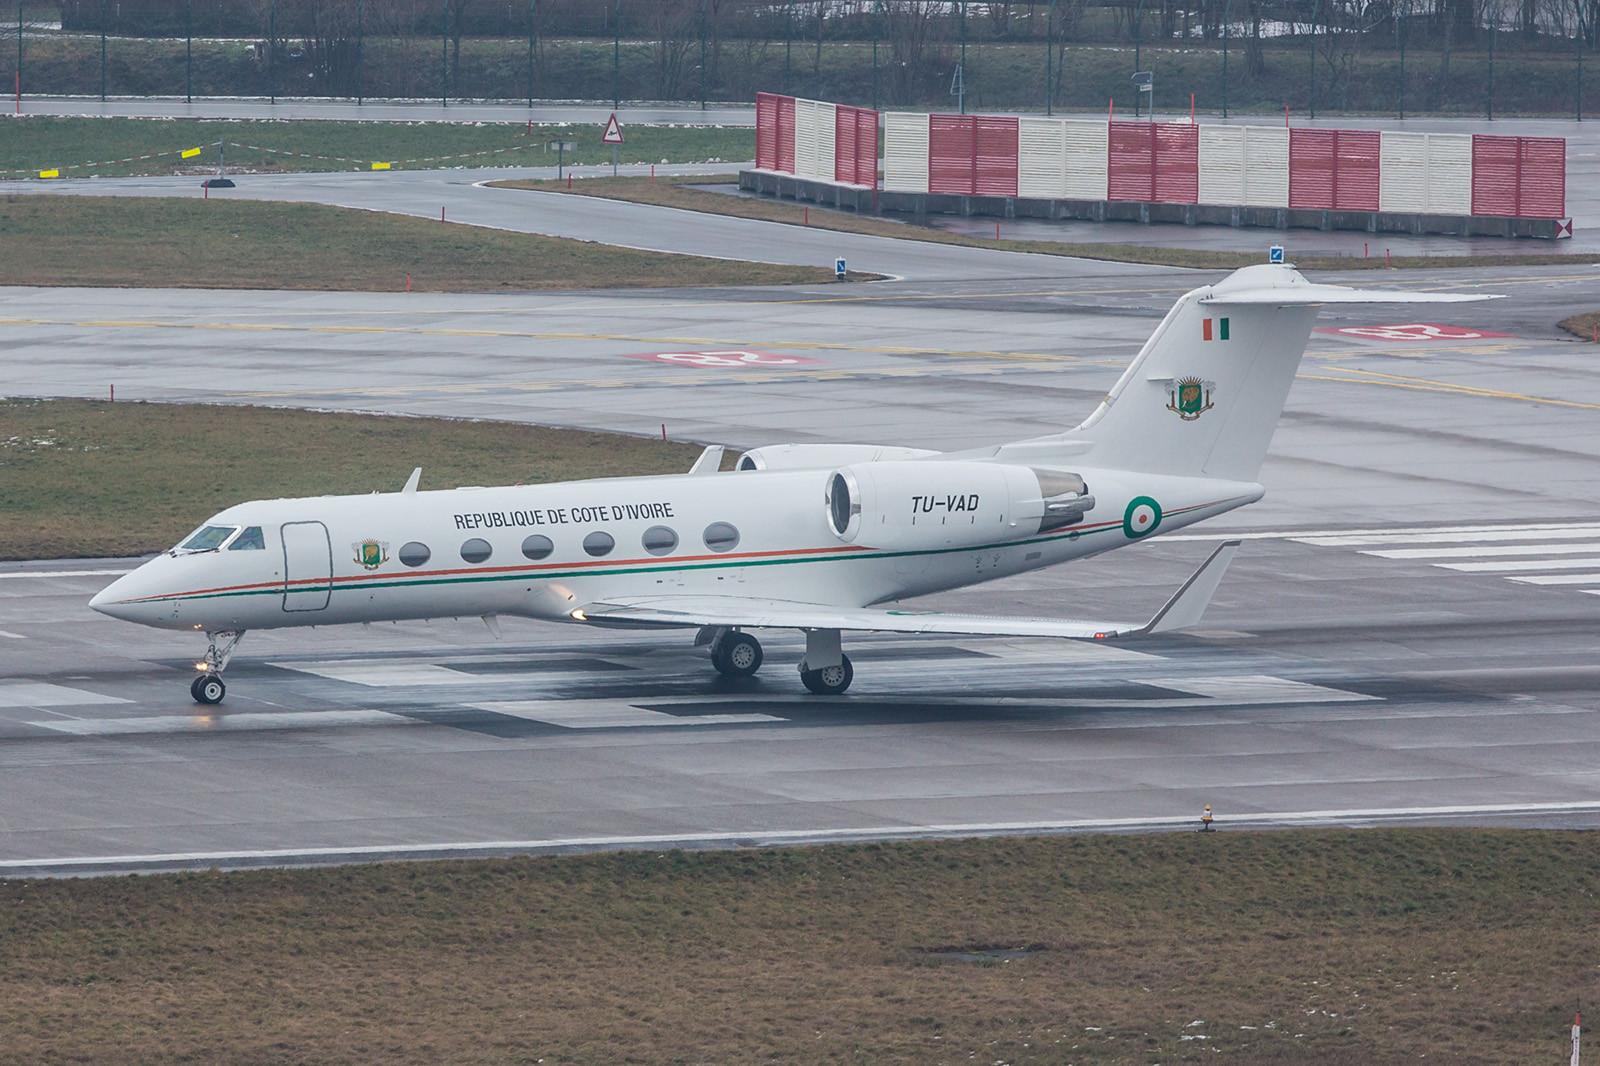 TU-VAD, Gulfstream IV von der Elfenbeinküste.